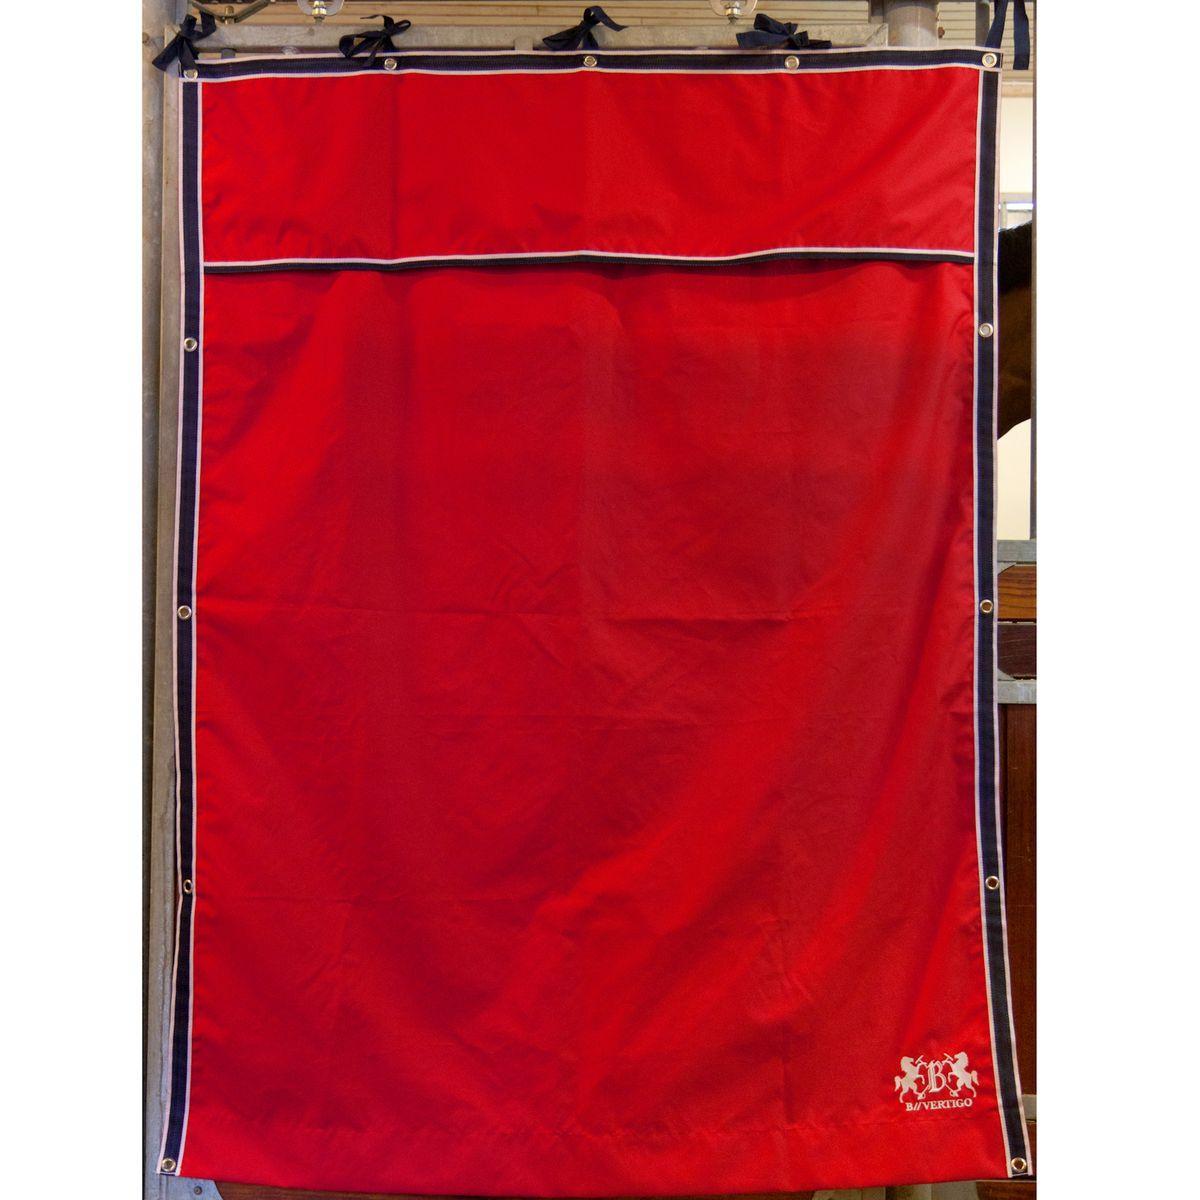 B Vertigo Eden Stable Curtain